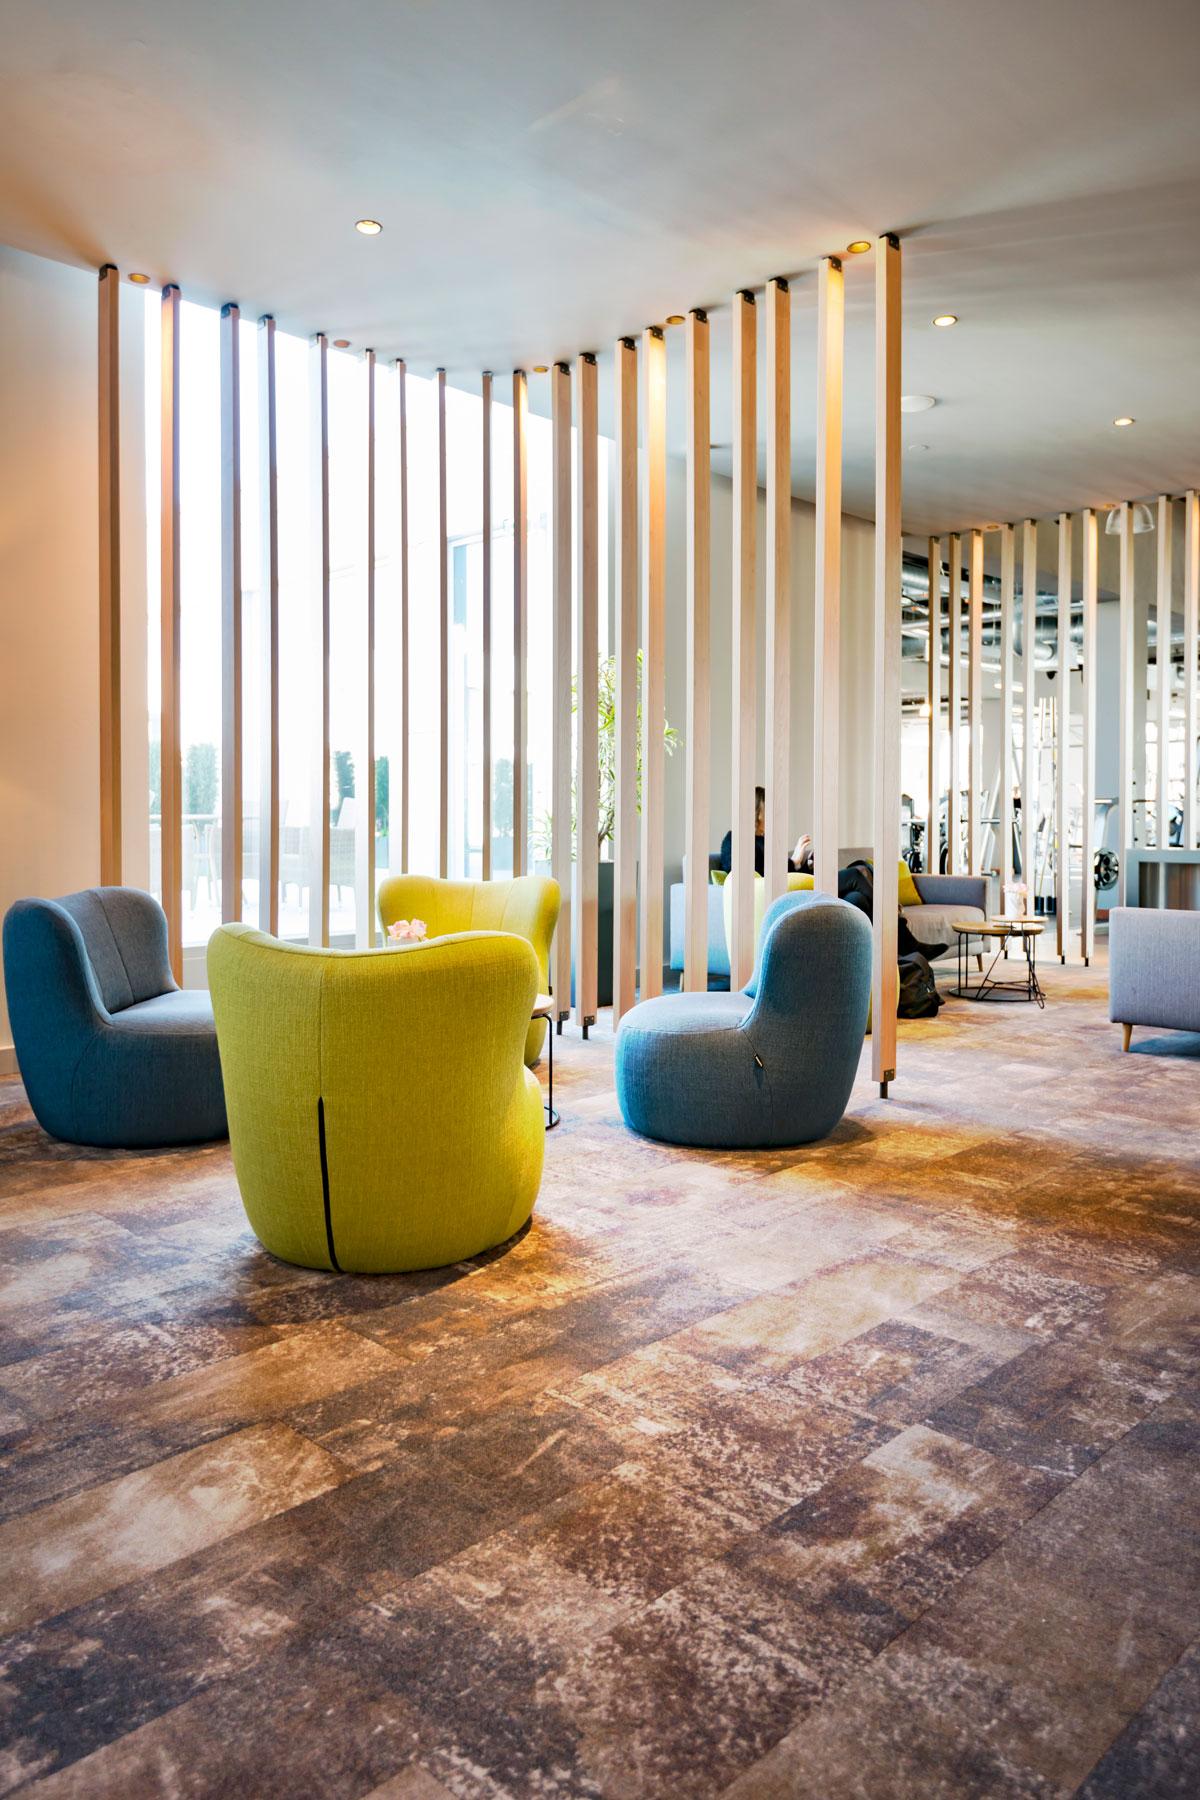 Neugesatltung Clays Fittness Club Berlin © Büro Thomas Müller, Architektur, Innenarchitektur, Messebau